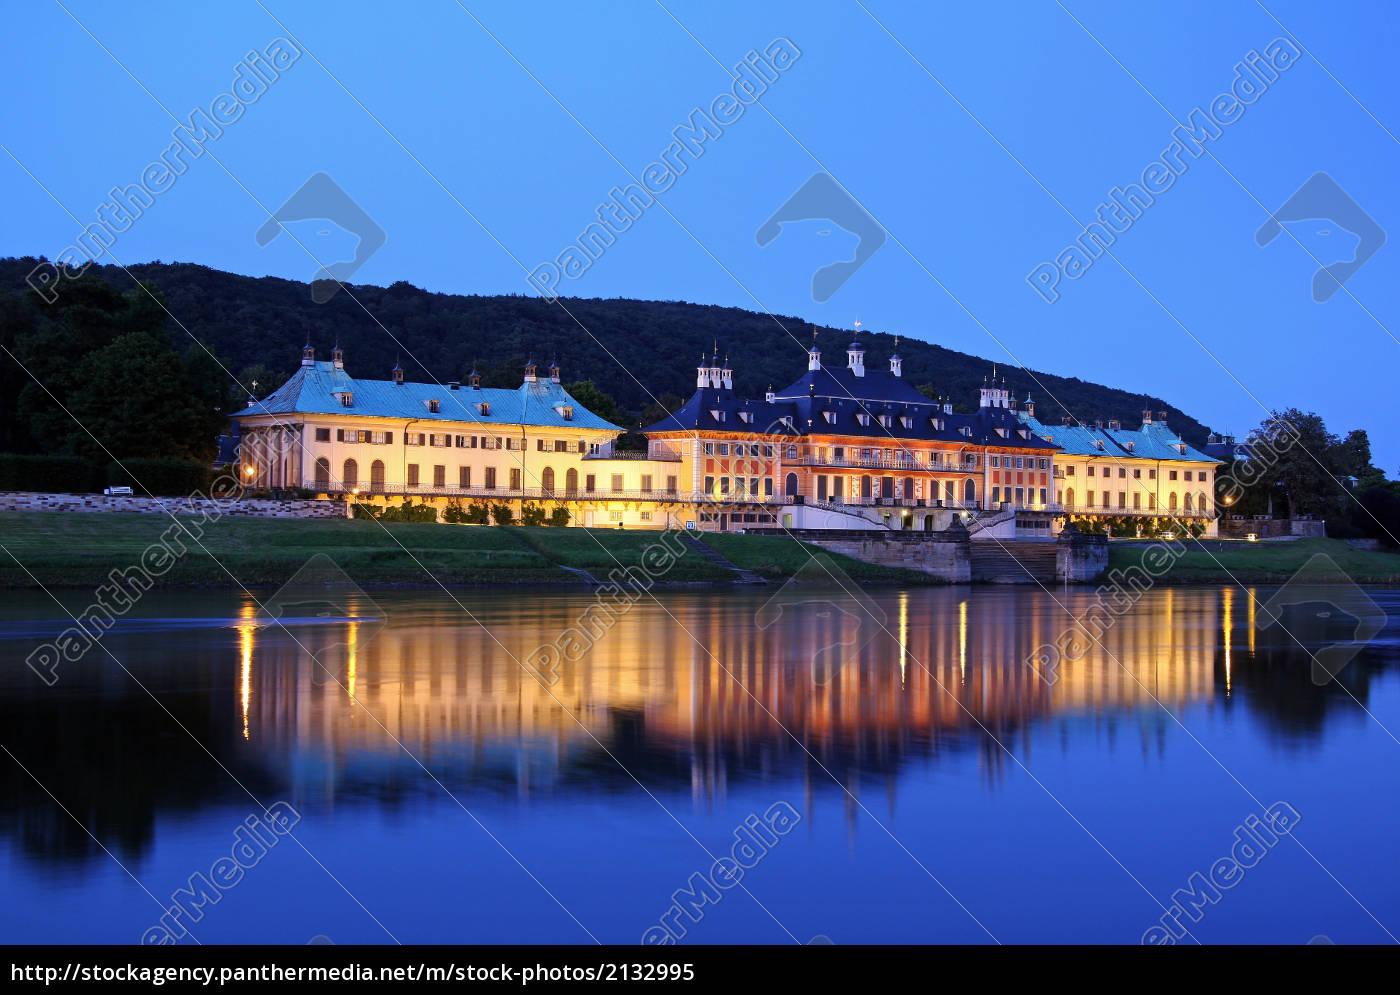 romantic, castle - 2132995